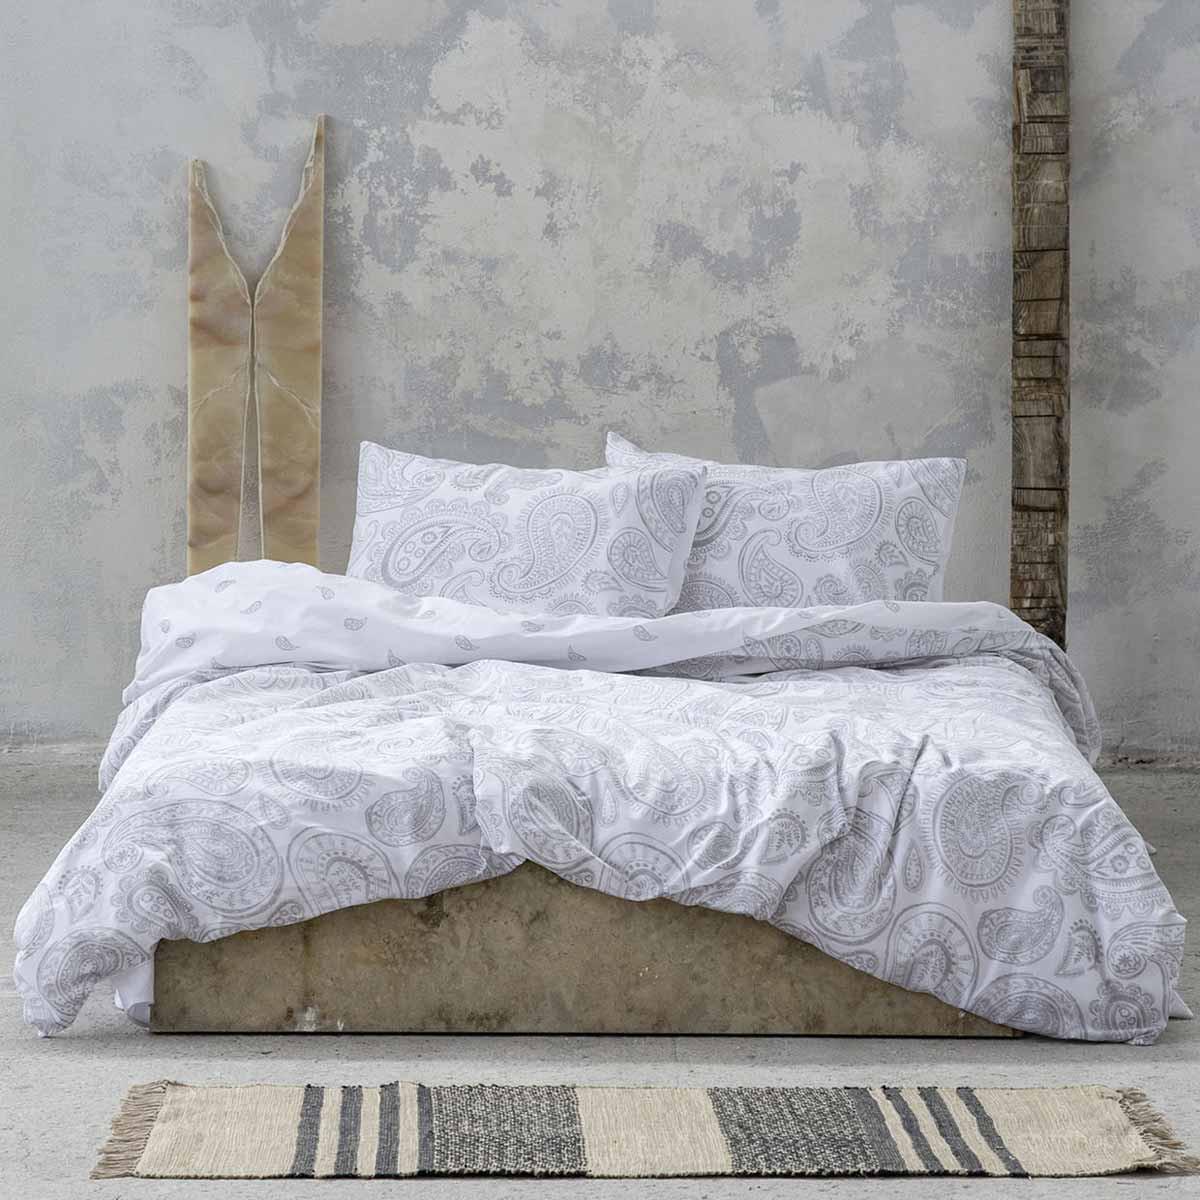 Σεντόνια Μονά (Σετ) Nima Bed Linen Aditti Grey ΧΩΡΙΣ ΛΑΣΤΙΧΟ ΧΩΡΙΣ ΛΑΣΤΙΧΟ